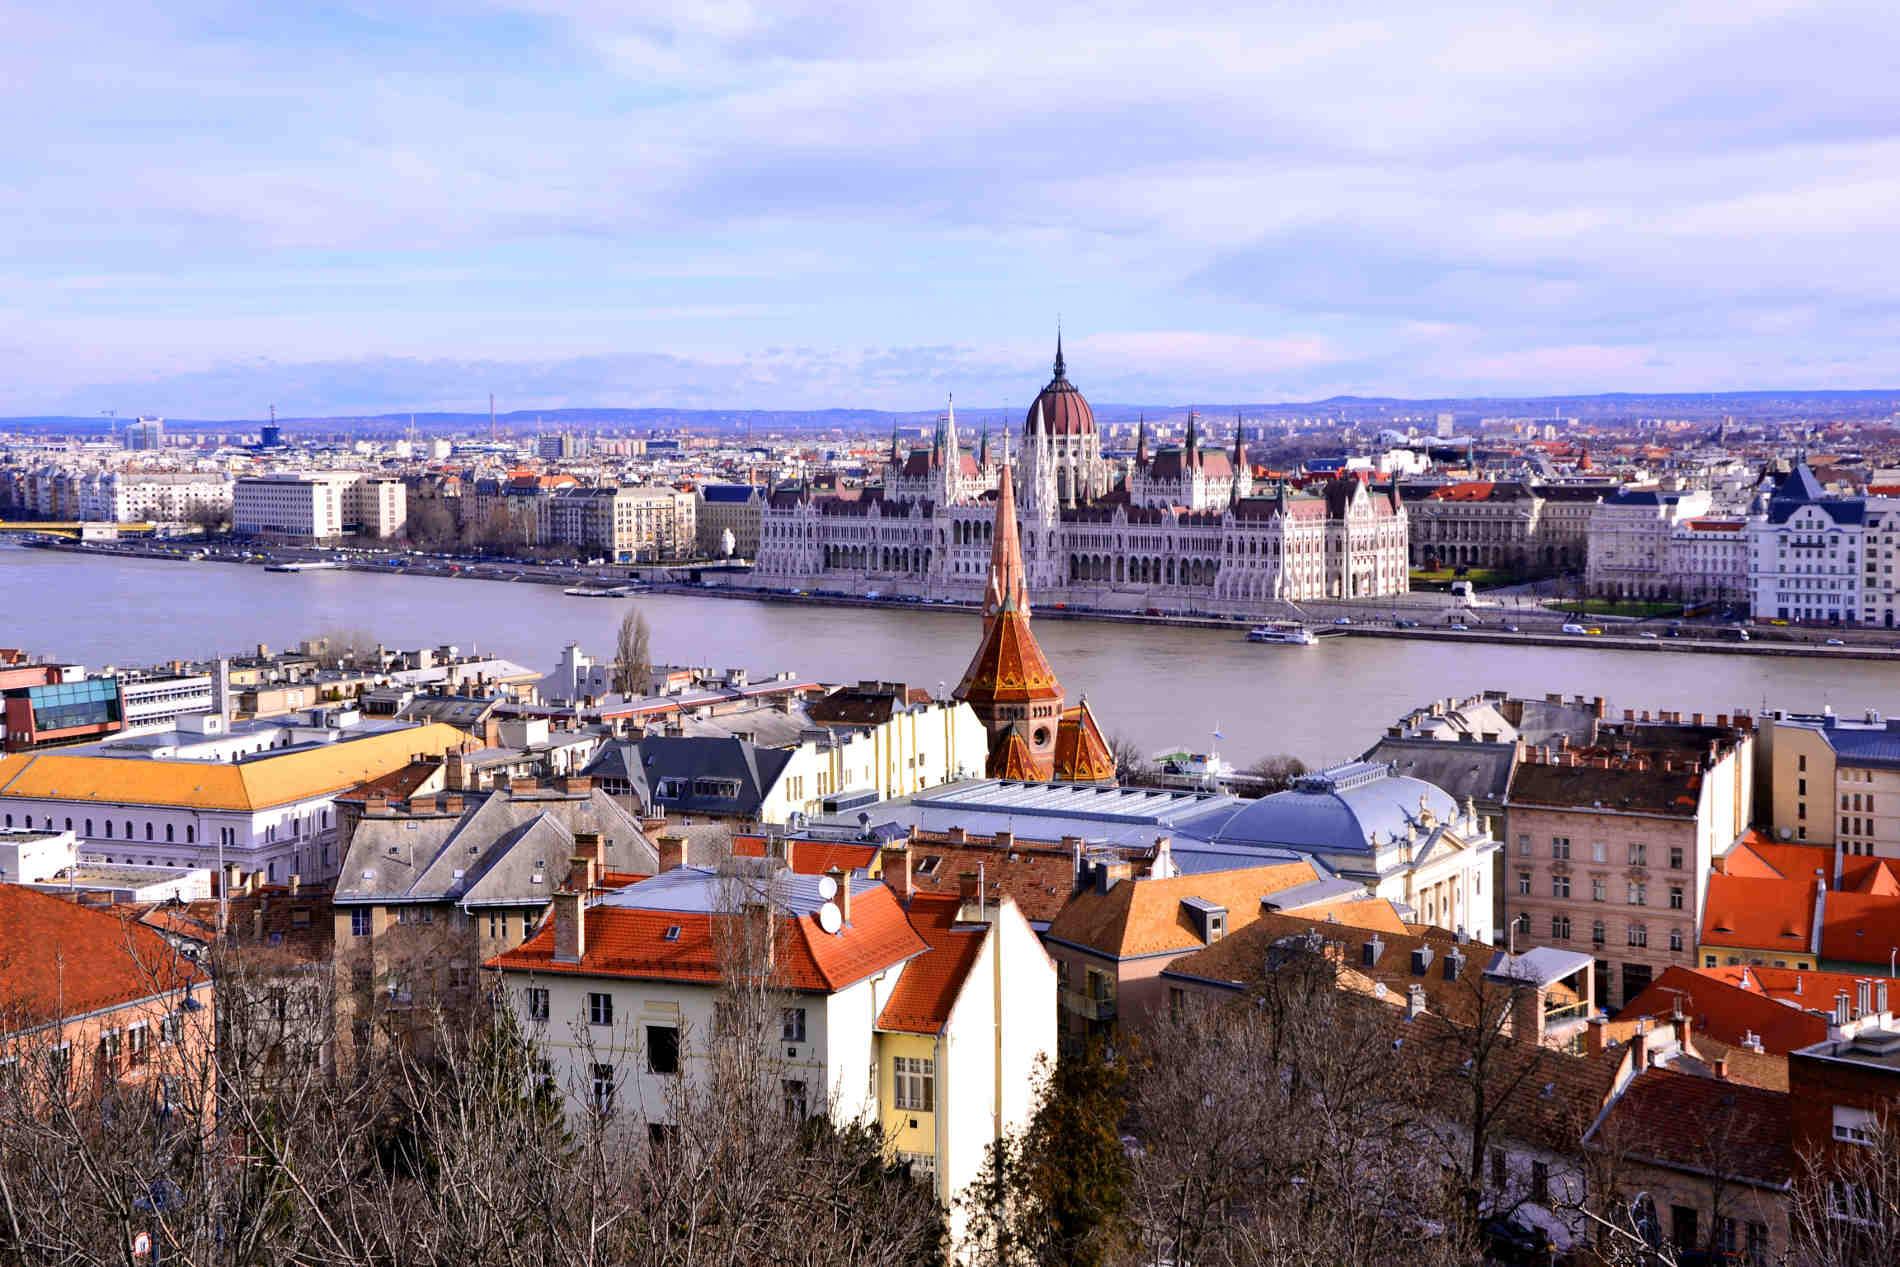 Panorama sul Danubio e il Parlamento di Budapest capitale dell'Ungheria